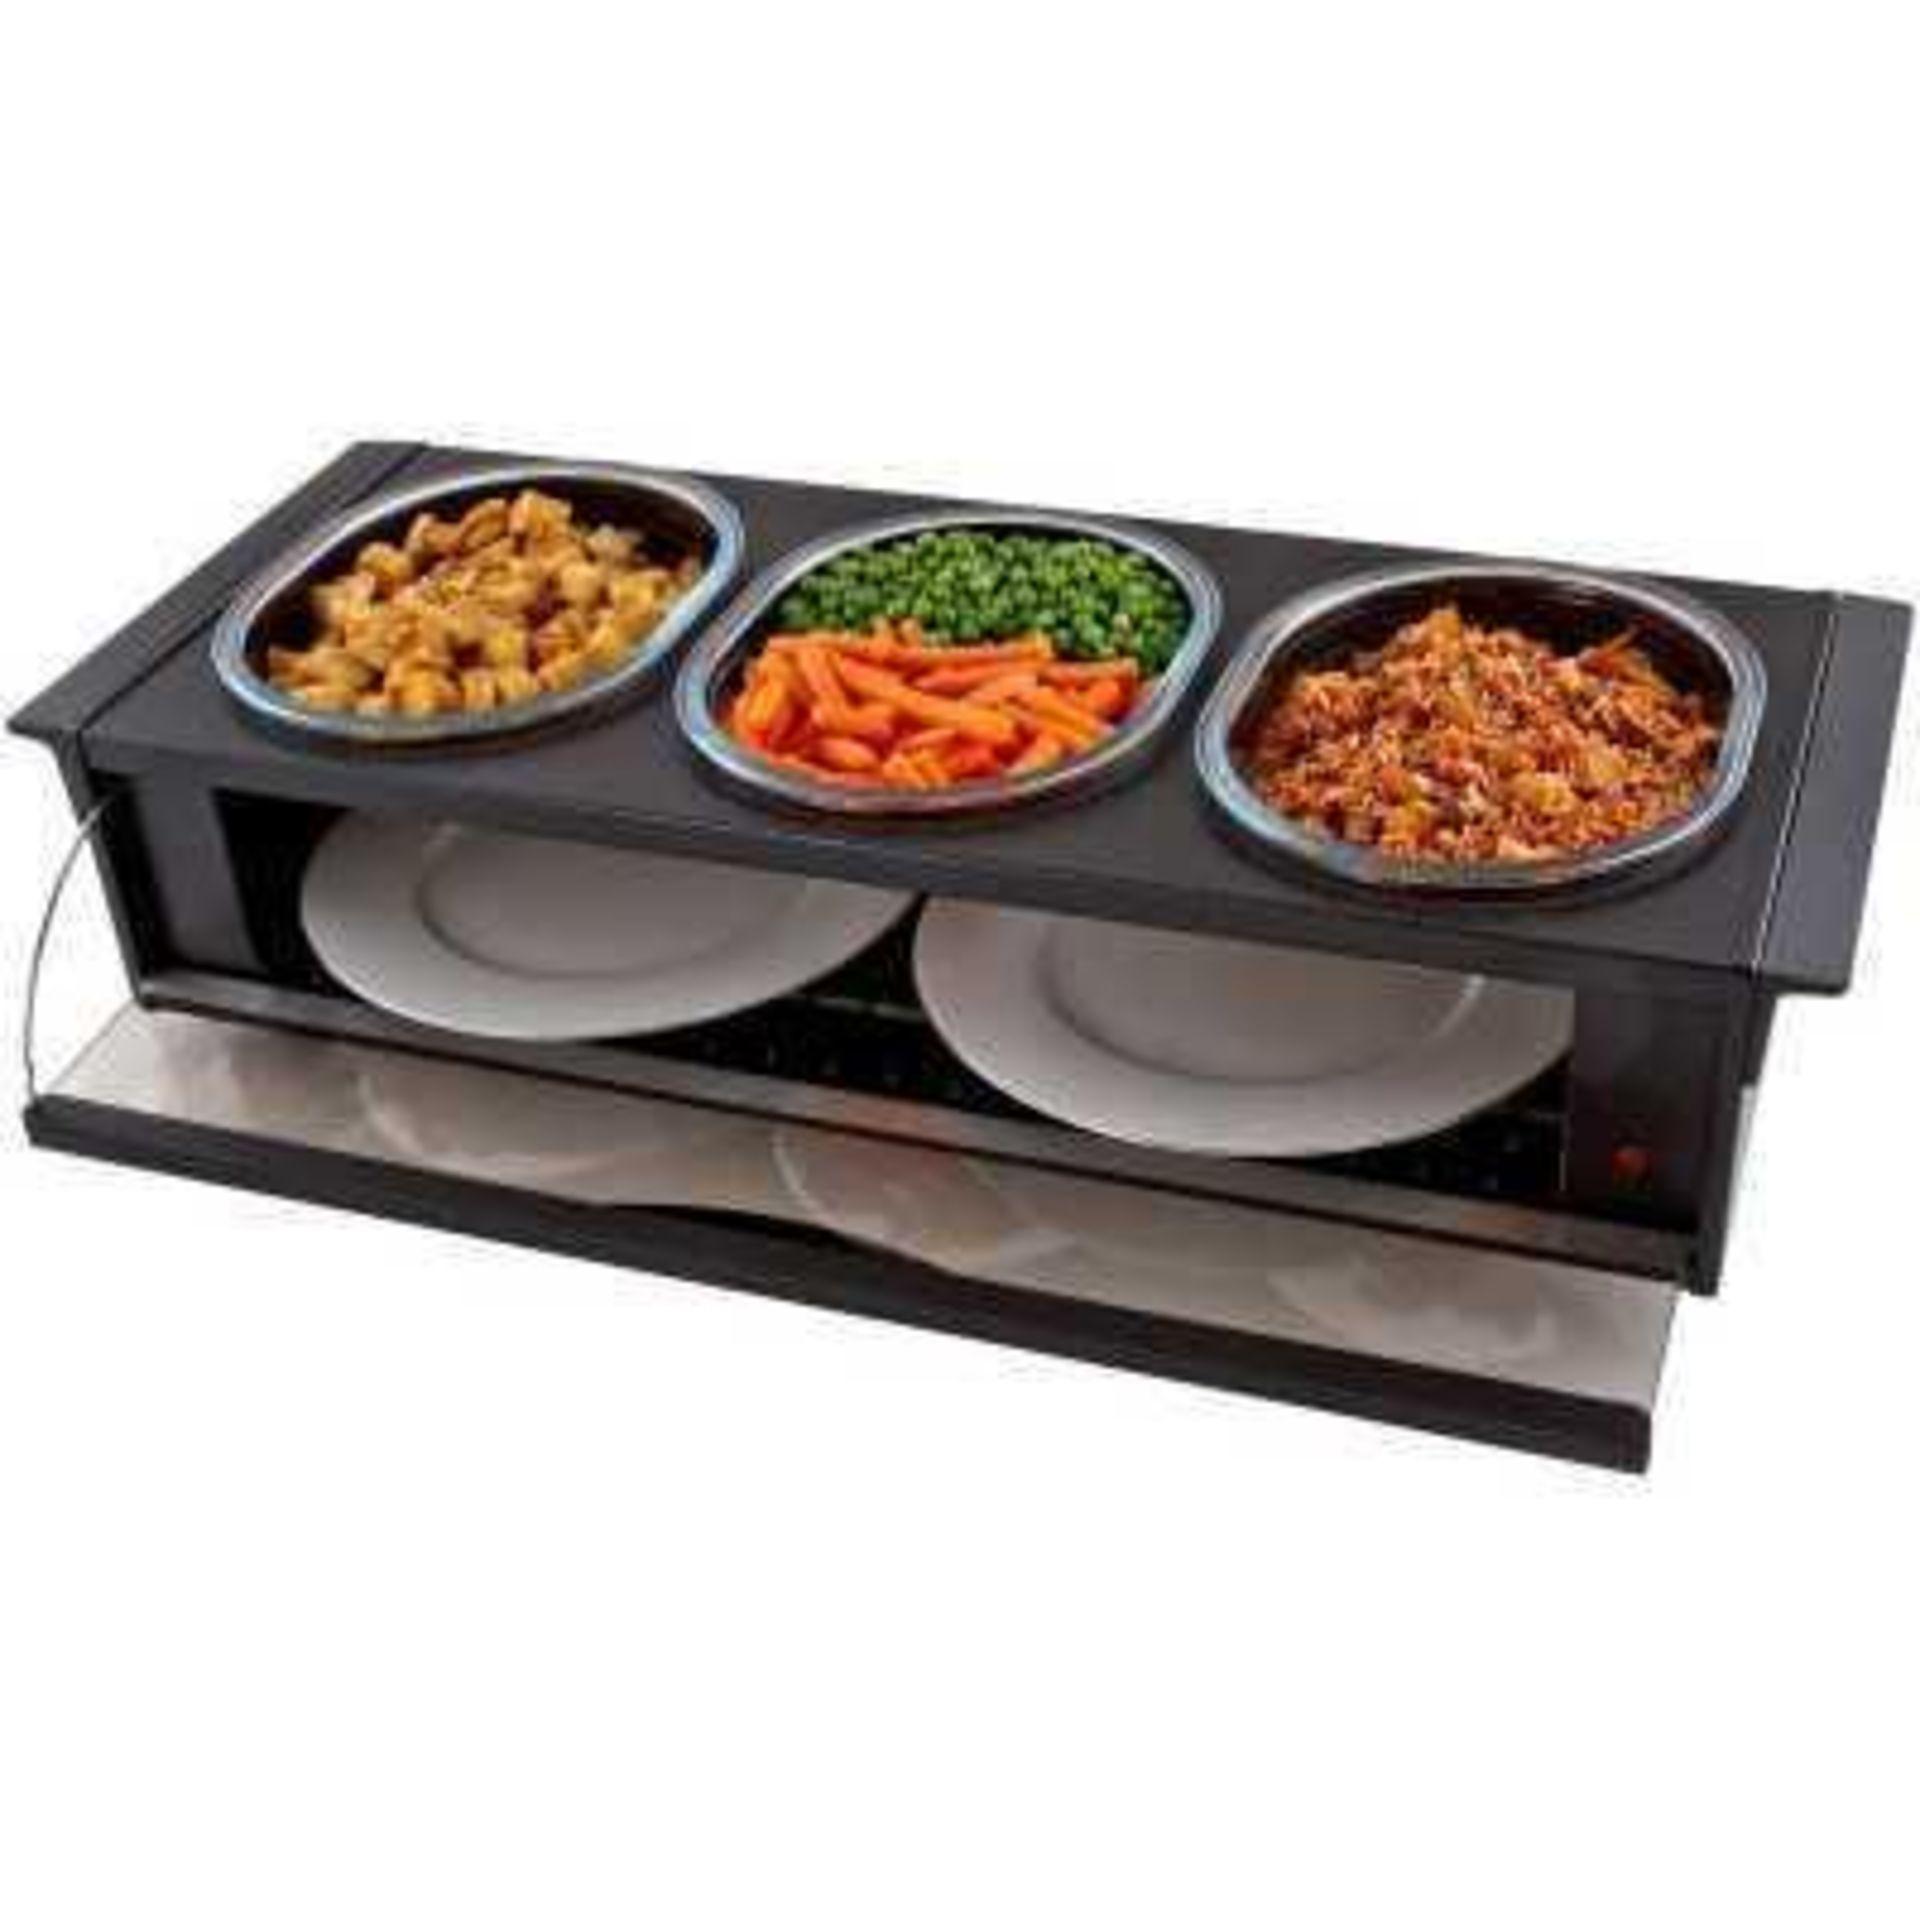 Lot 164 - RRP £120 Boxed Hostess Buffet Server Ho392